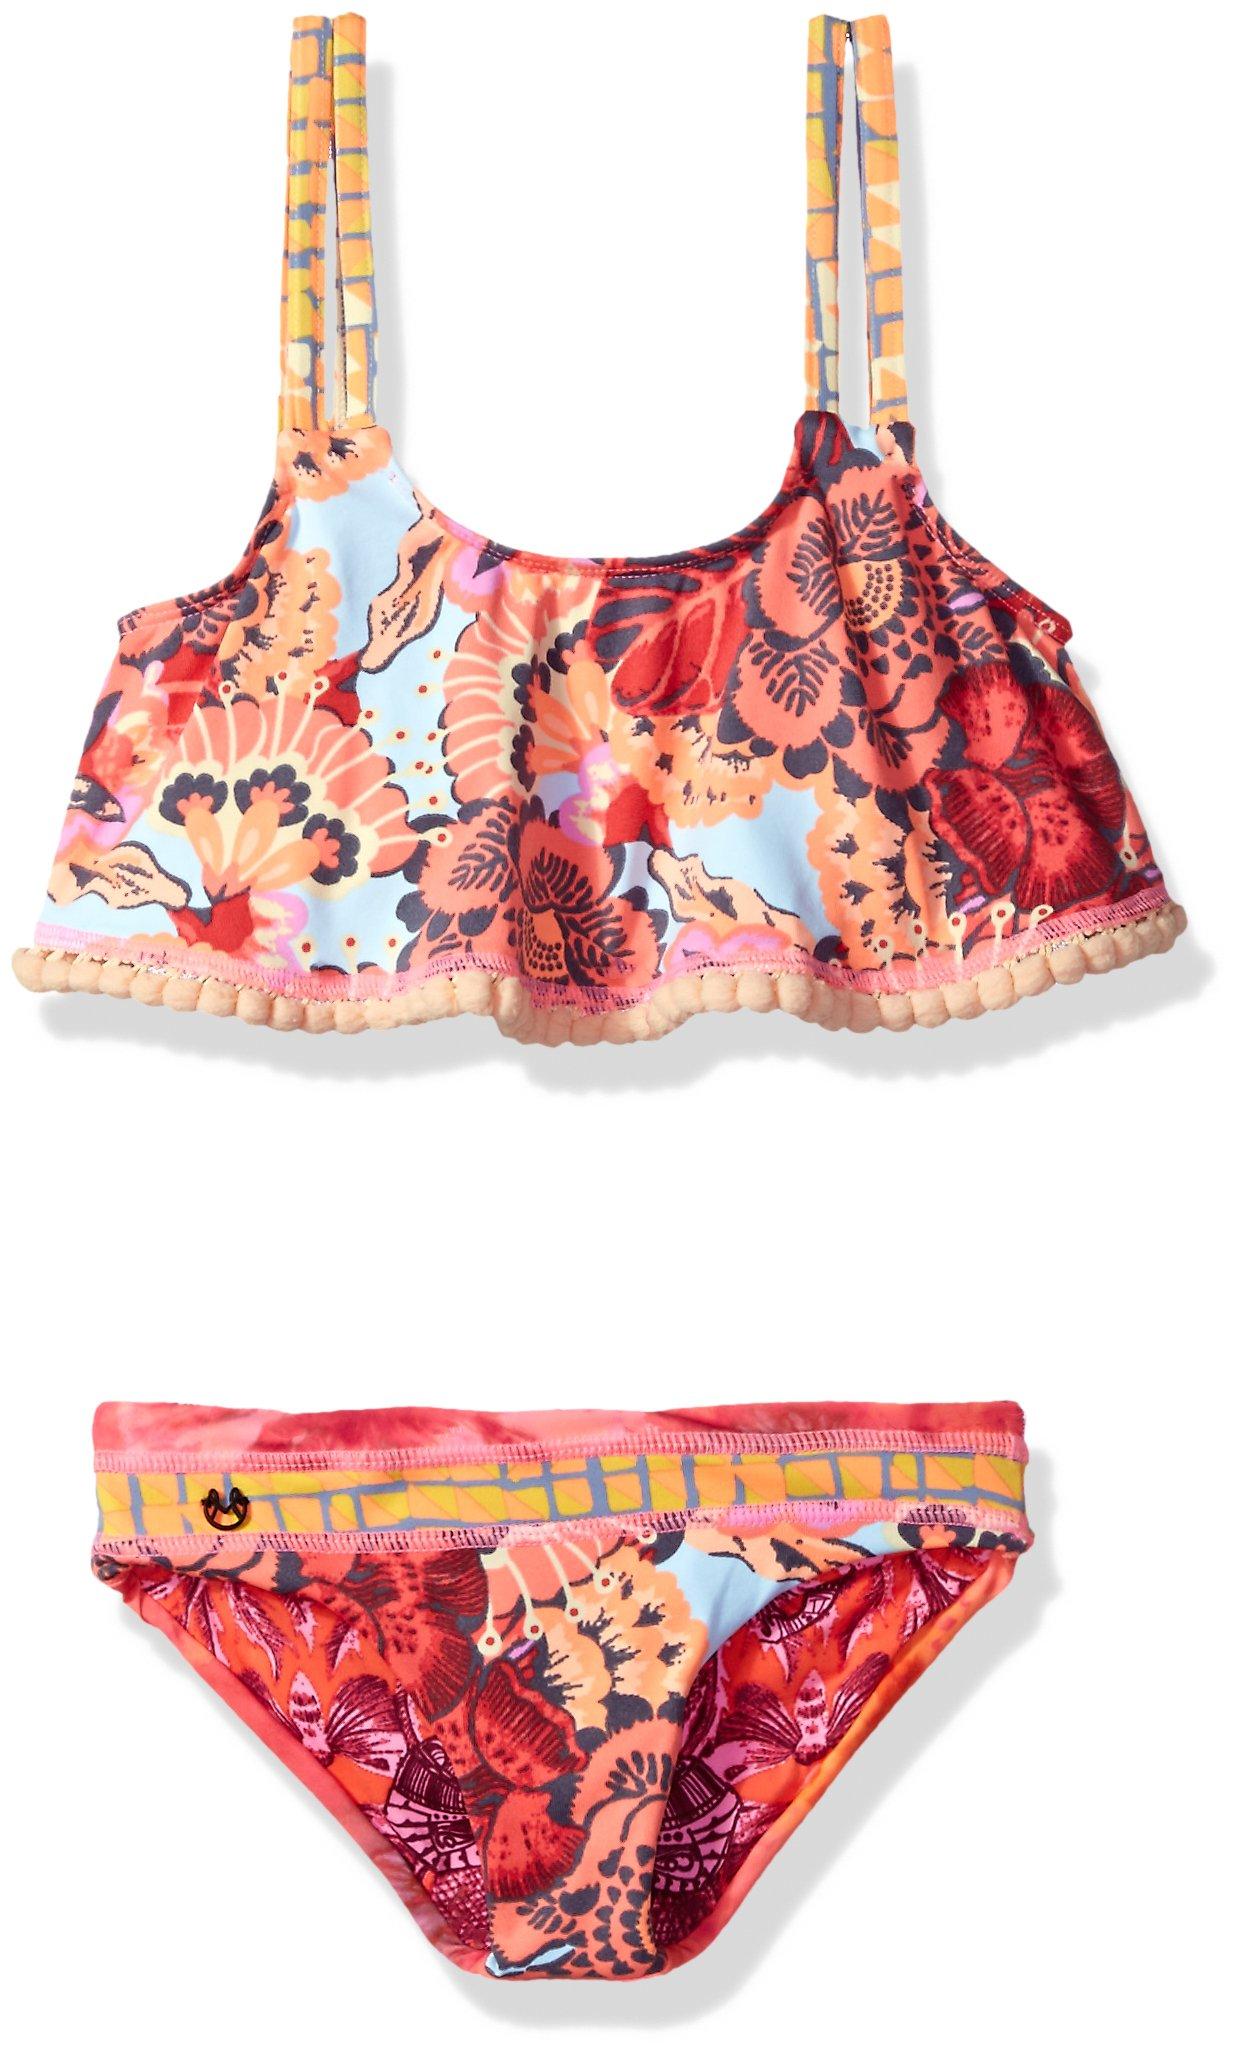 Maaji Little Girls' Mixed Print Flounce Top Bikini Swimsuit Set, Midnight Summer Multi, 4